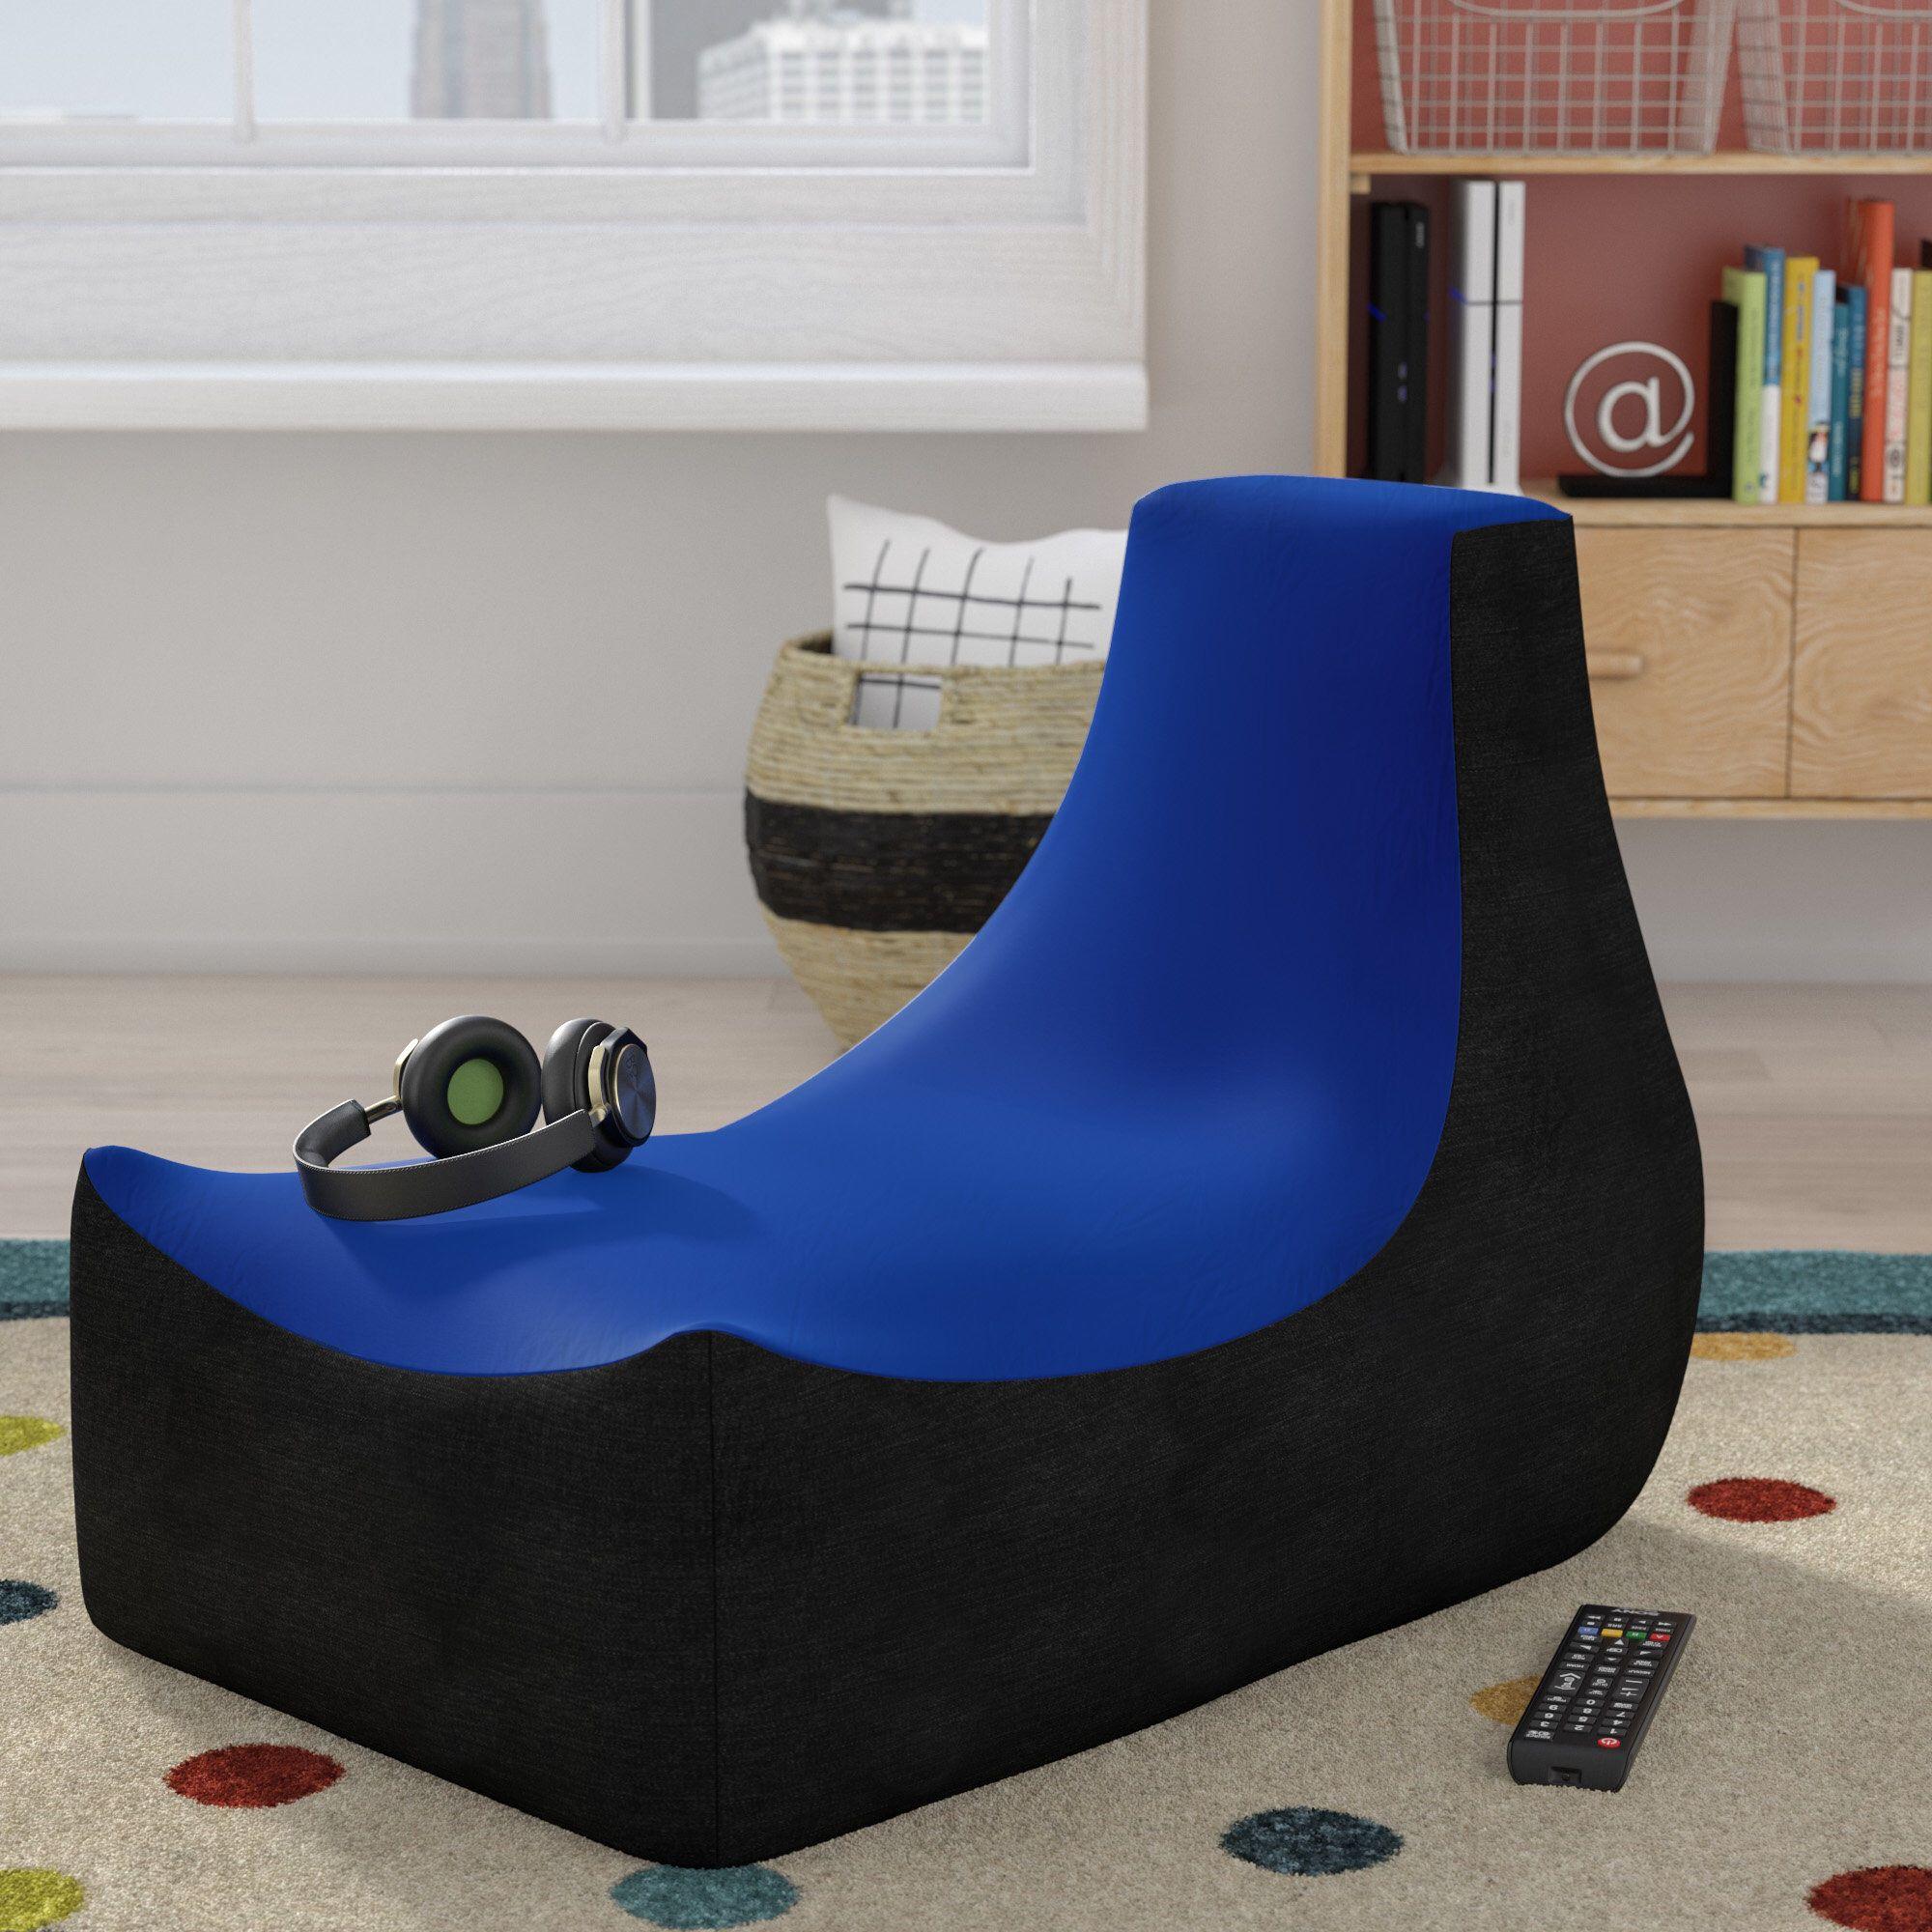 Bean Bag Floor Game Chair Bean Bag Chair Bean Bag Gaming Chair Chair